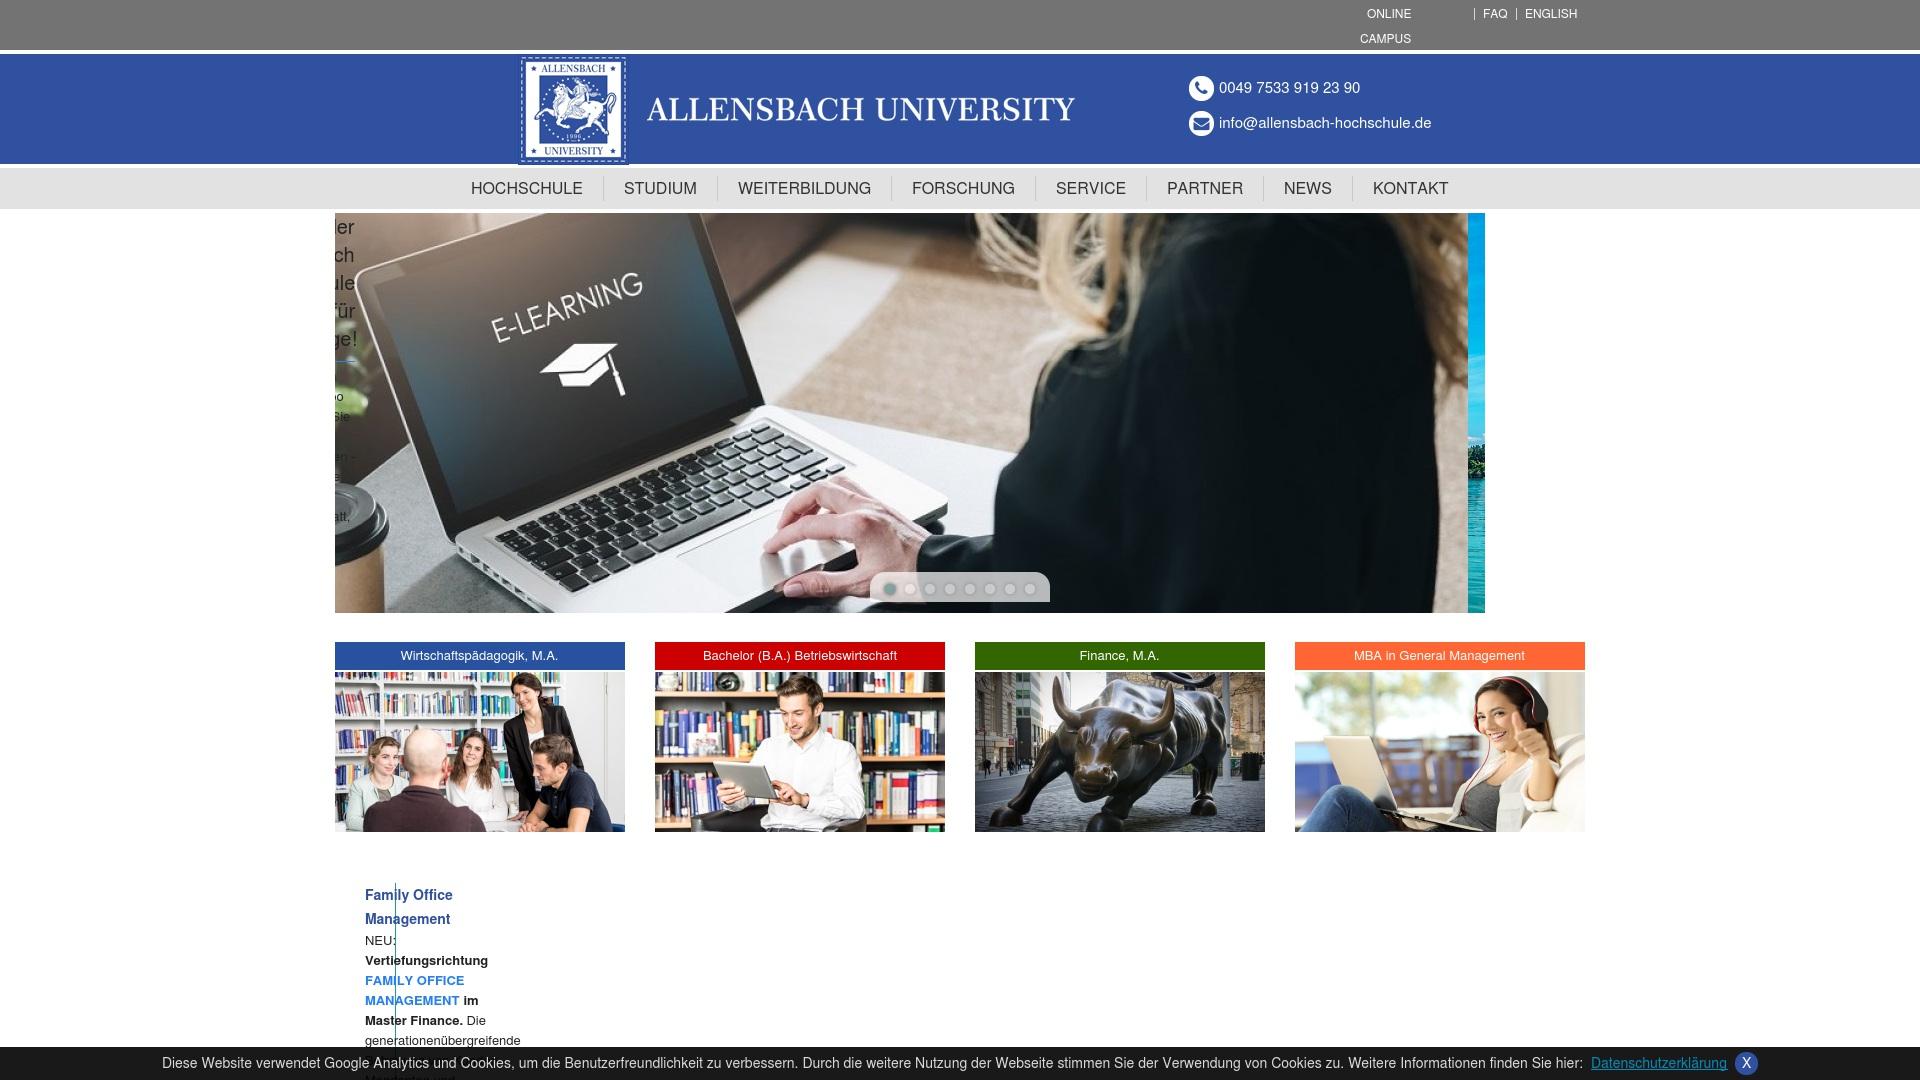 Gutschein für Allensbach-hochschule: Rabatte für  Allensbach-hochschule sichern